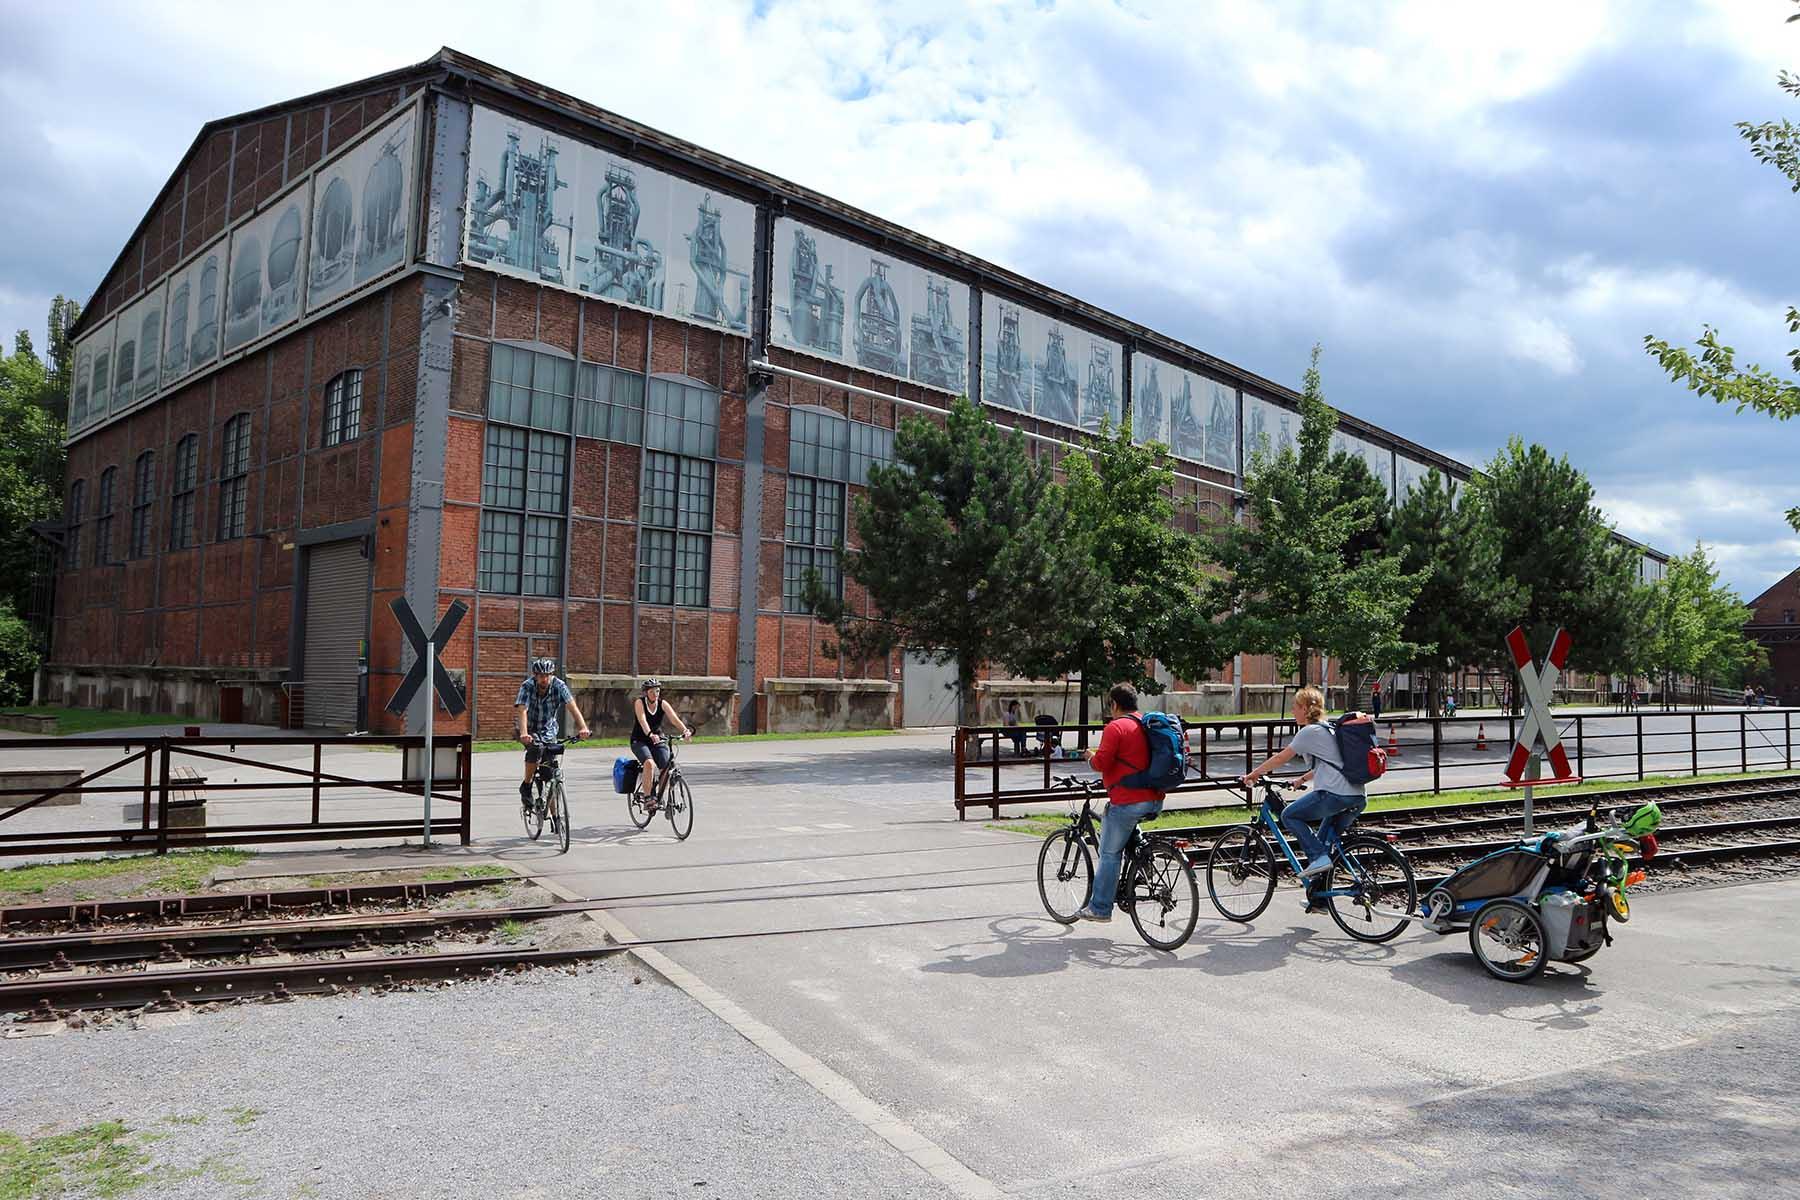 """Landschaftspark Duisburg-Nord. Die Zeitung """"The Guardian"""" zählte ihn 2015 zu den 10 besten Stadtparks der Welt."""